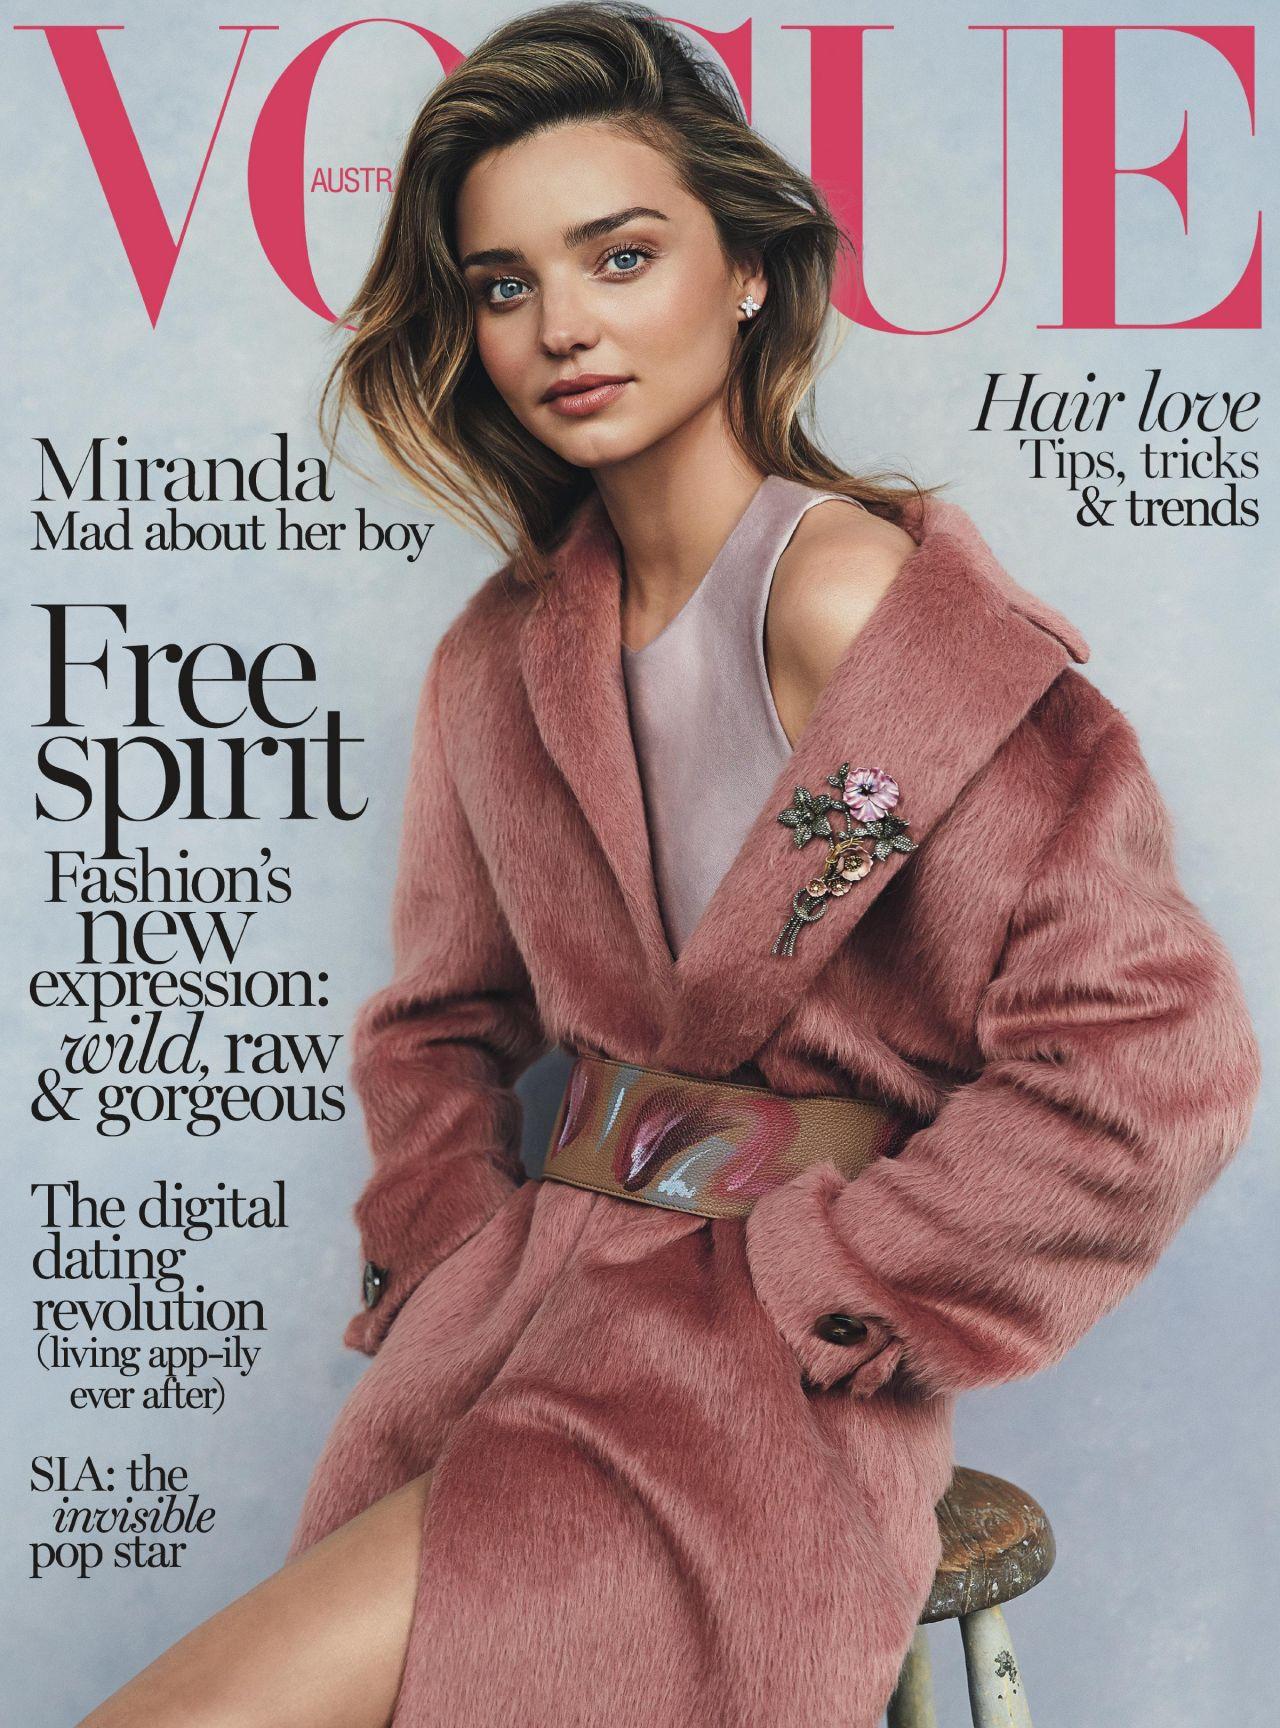 Vogue Magazine (Australia)